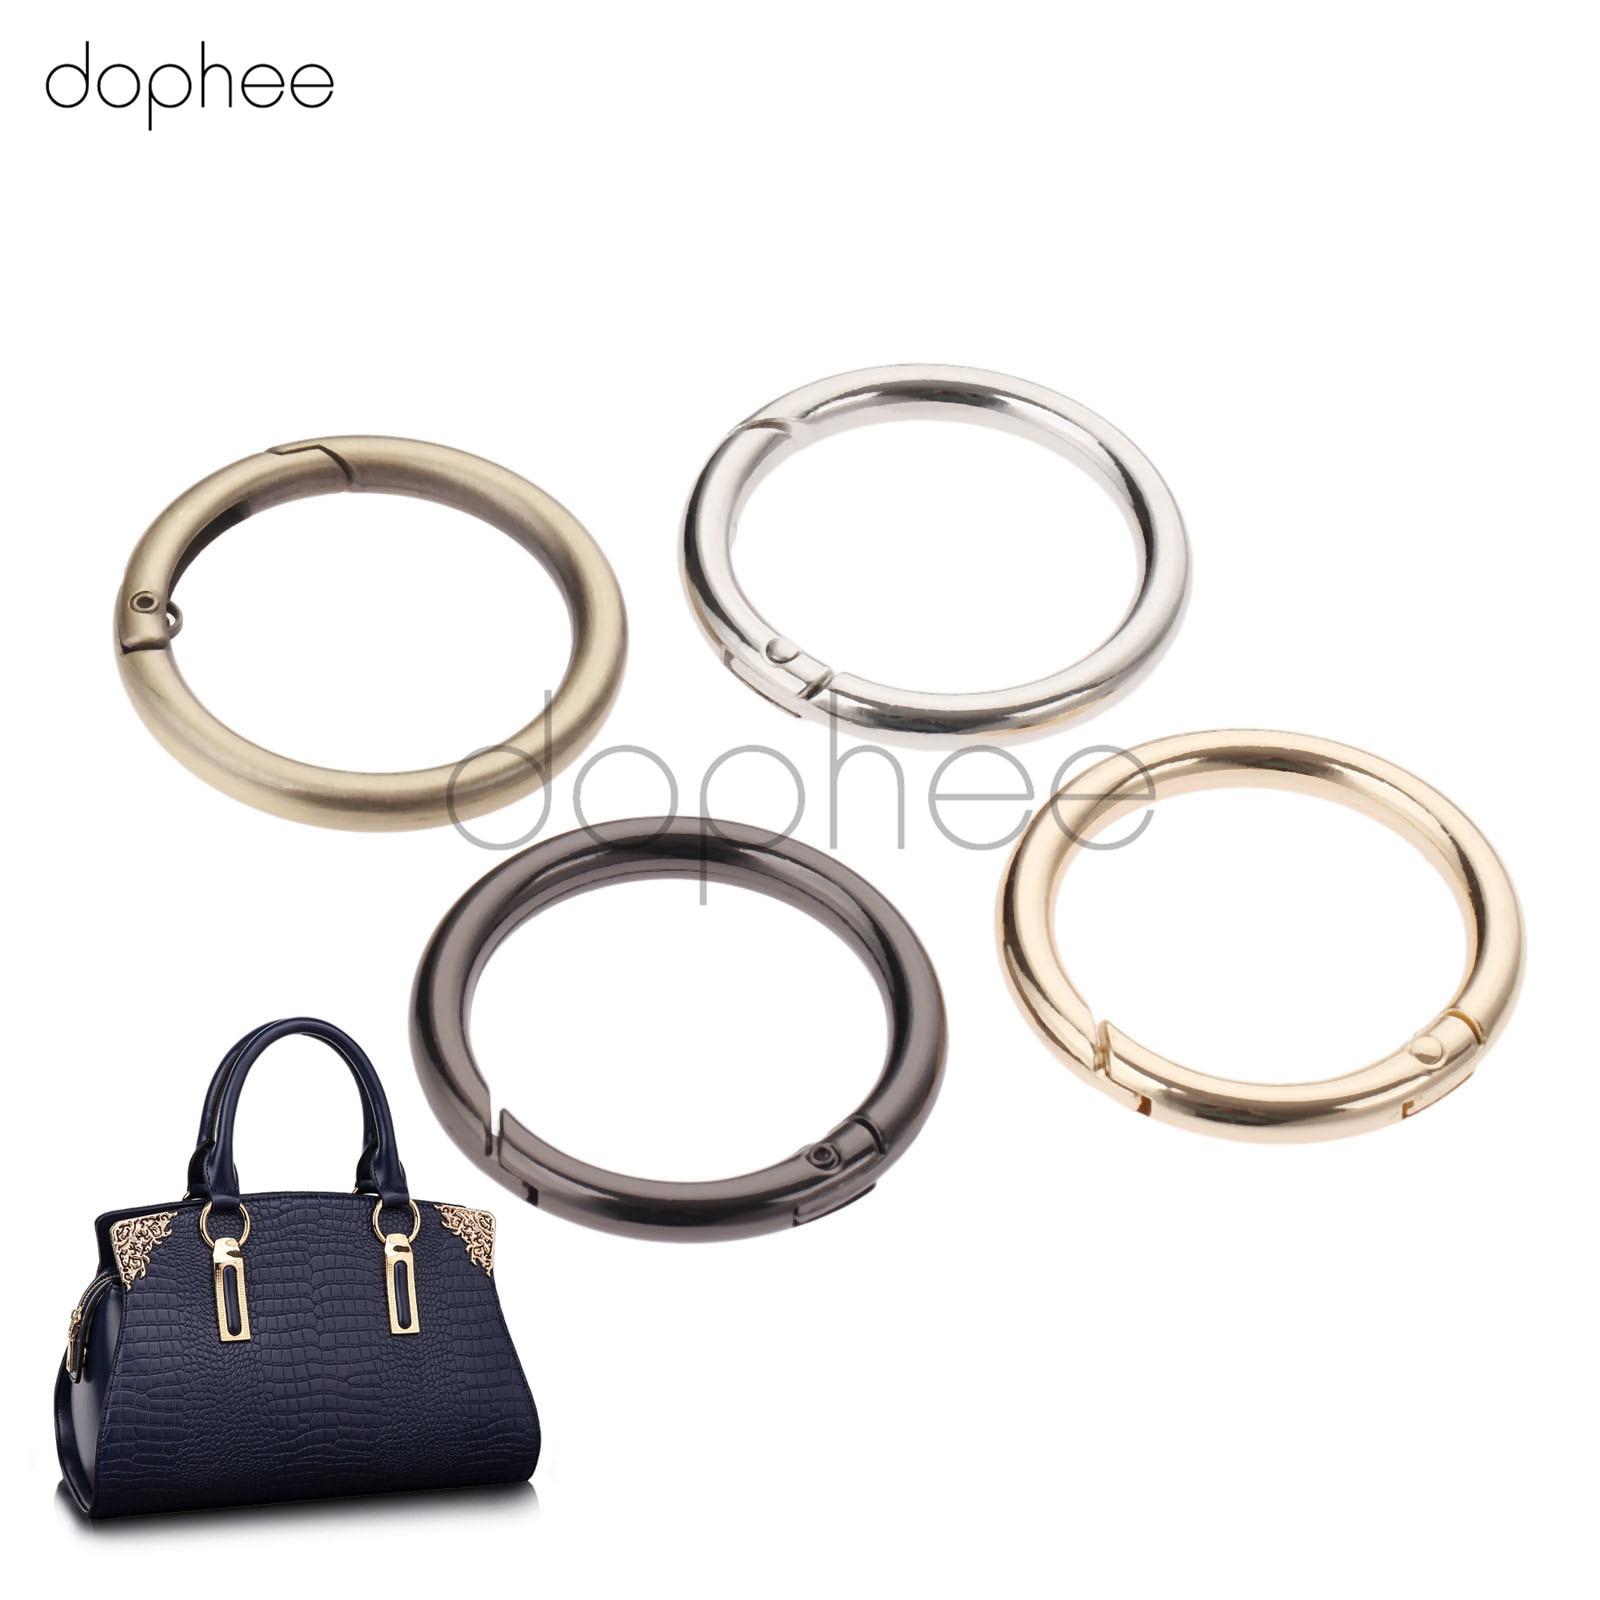 Dopee, 5 шт., 32 мм, пружинные уплотнительные кольца, 4 цвета, открывающийся брелок, кожаная сумка, ремень, собачья цепь, пряжки, застежка, аксессуары для DIY